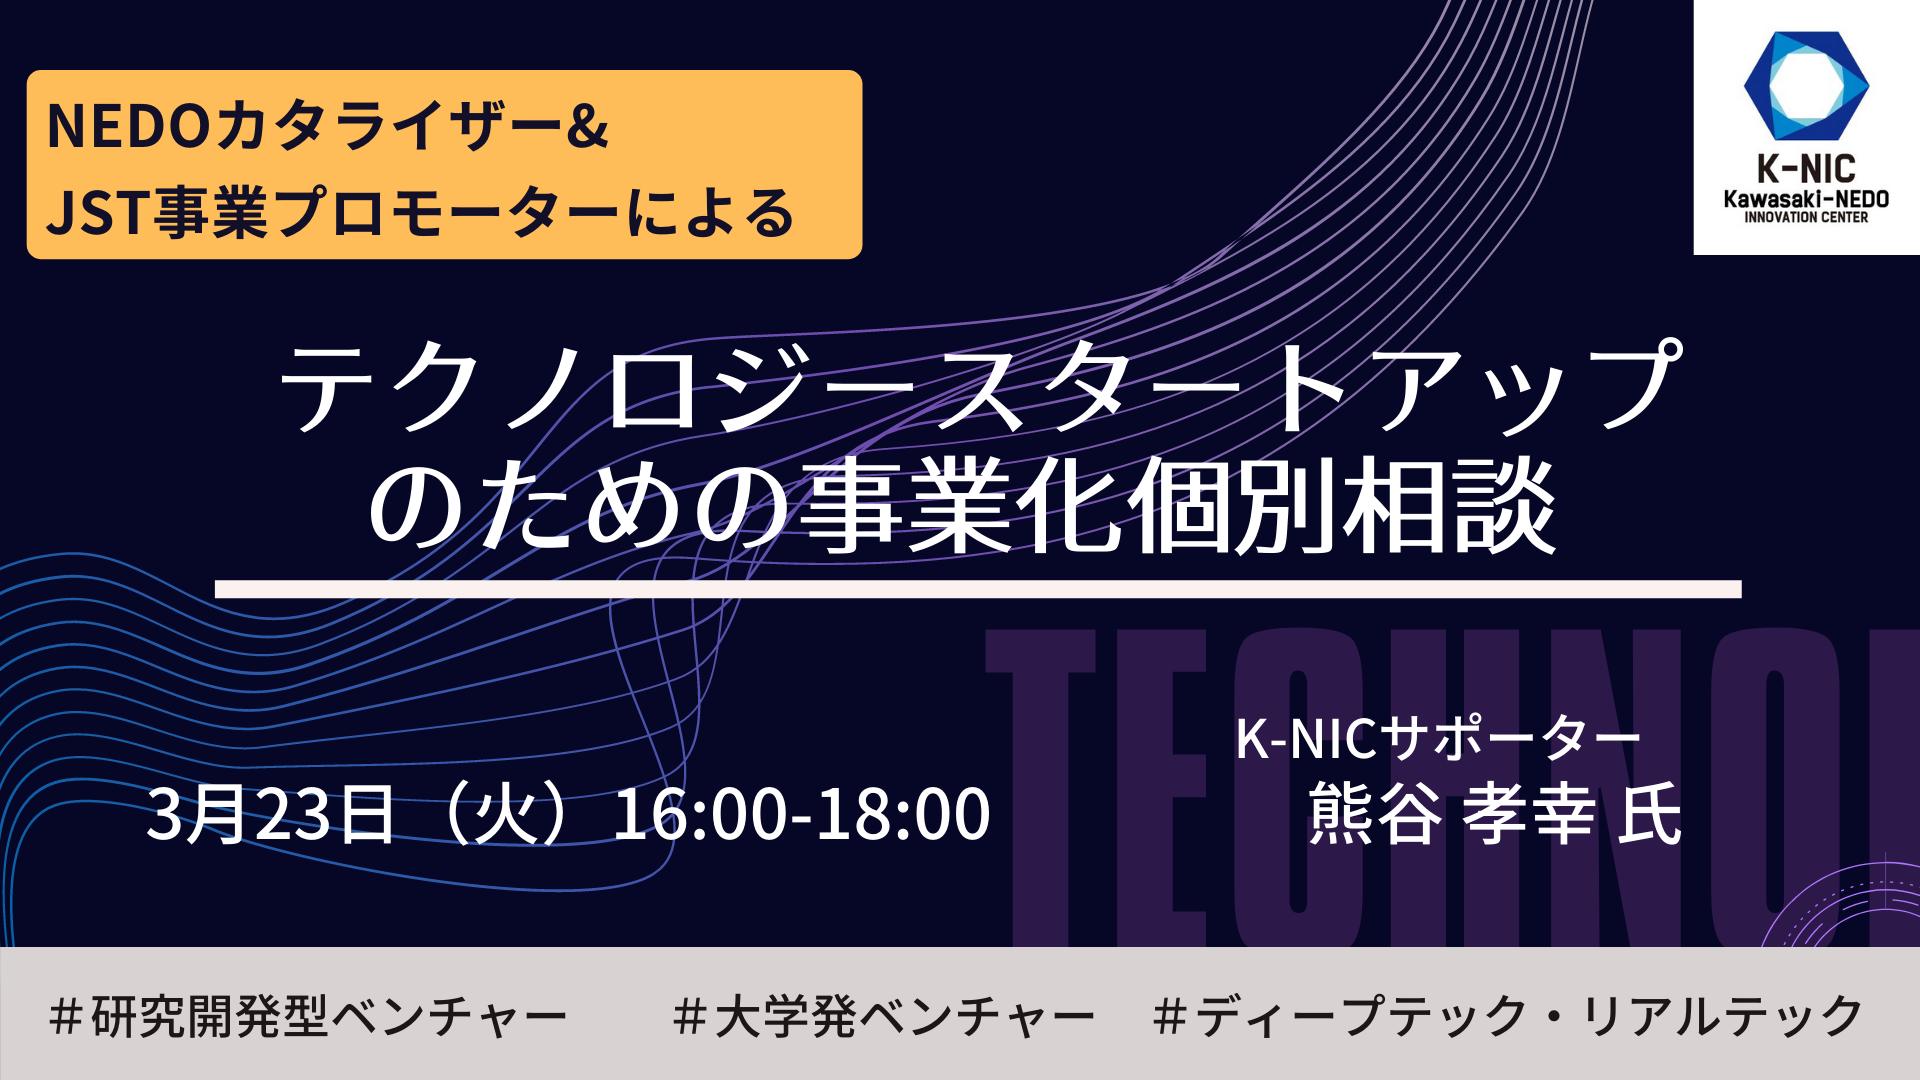 (空き枠あり)【オンライン相談】熊谷サポーター「NEDOカタライザー&JST事業プロモーターによる テクノロジースタートアップのための事業化個別相談」